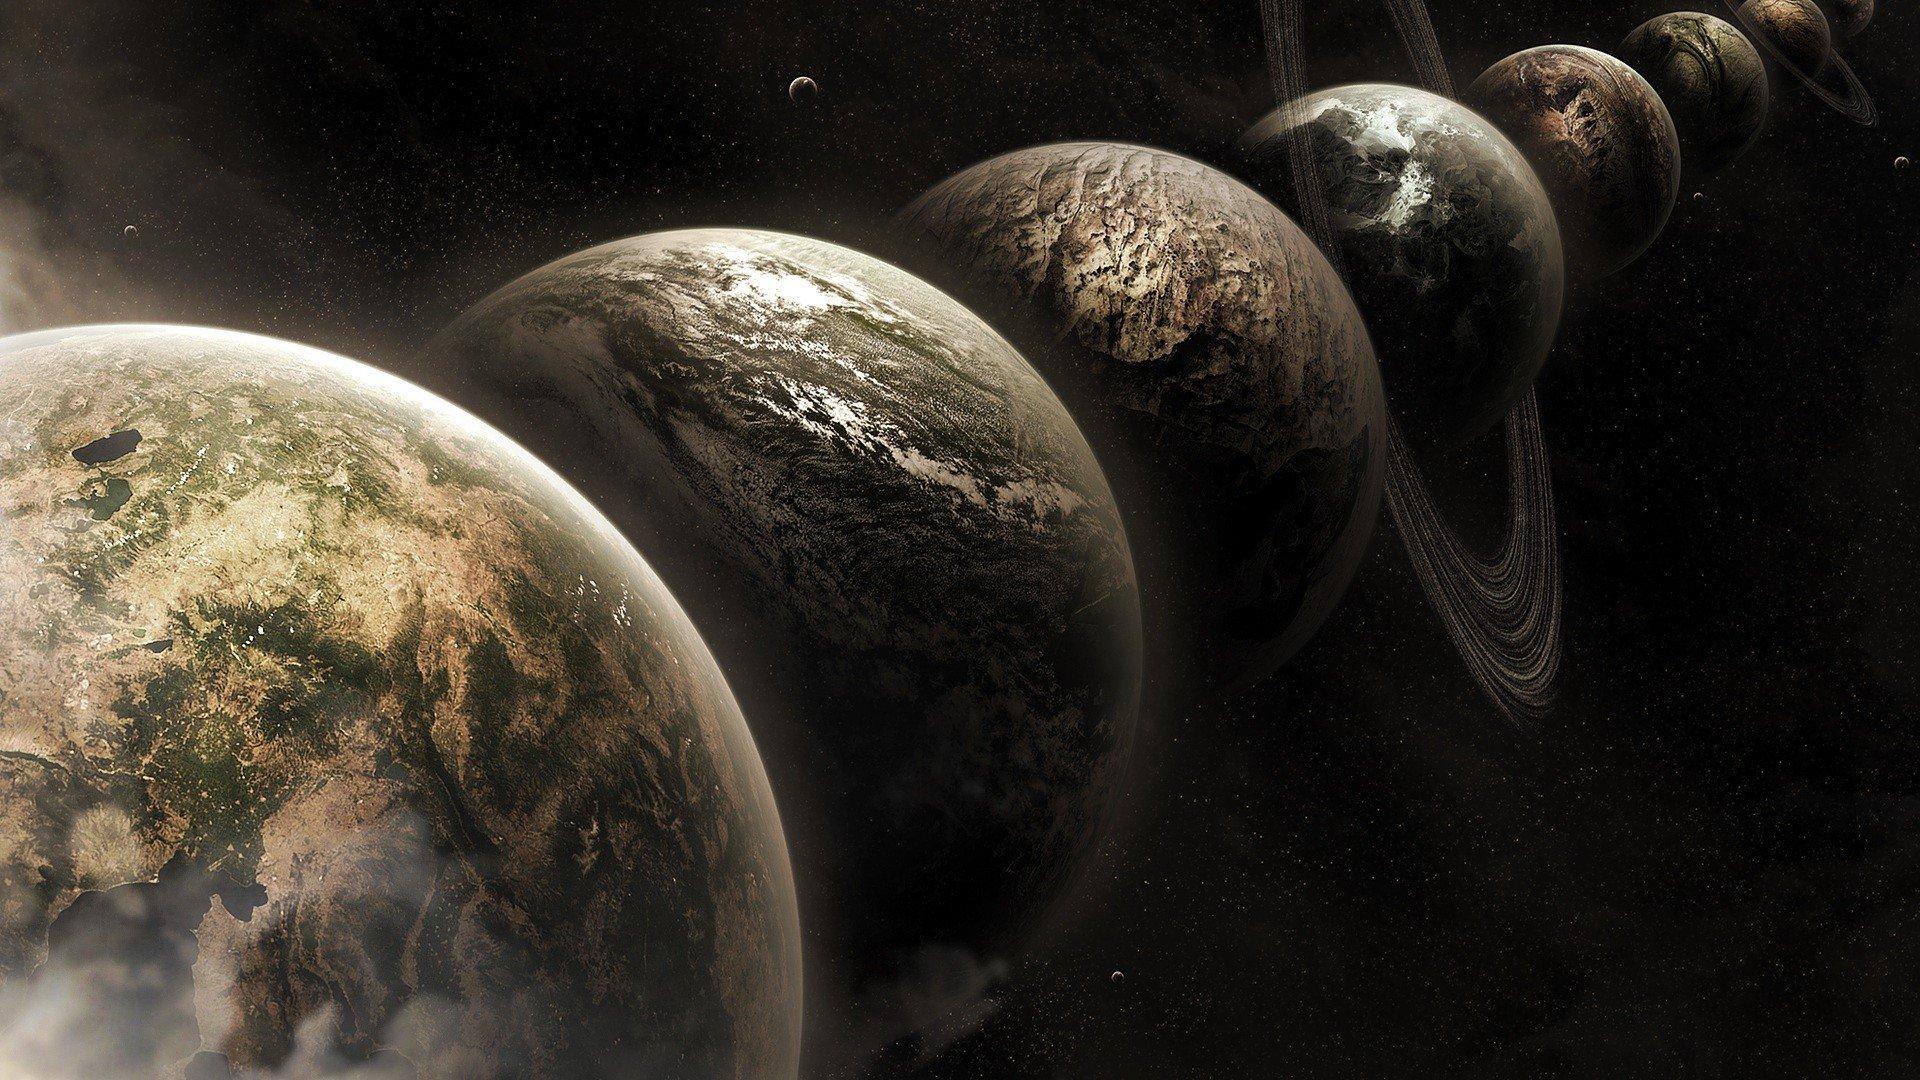 путешествие по вселенной хочу вам